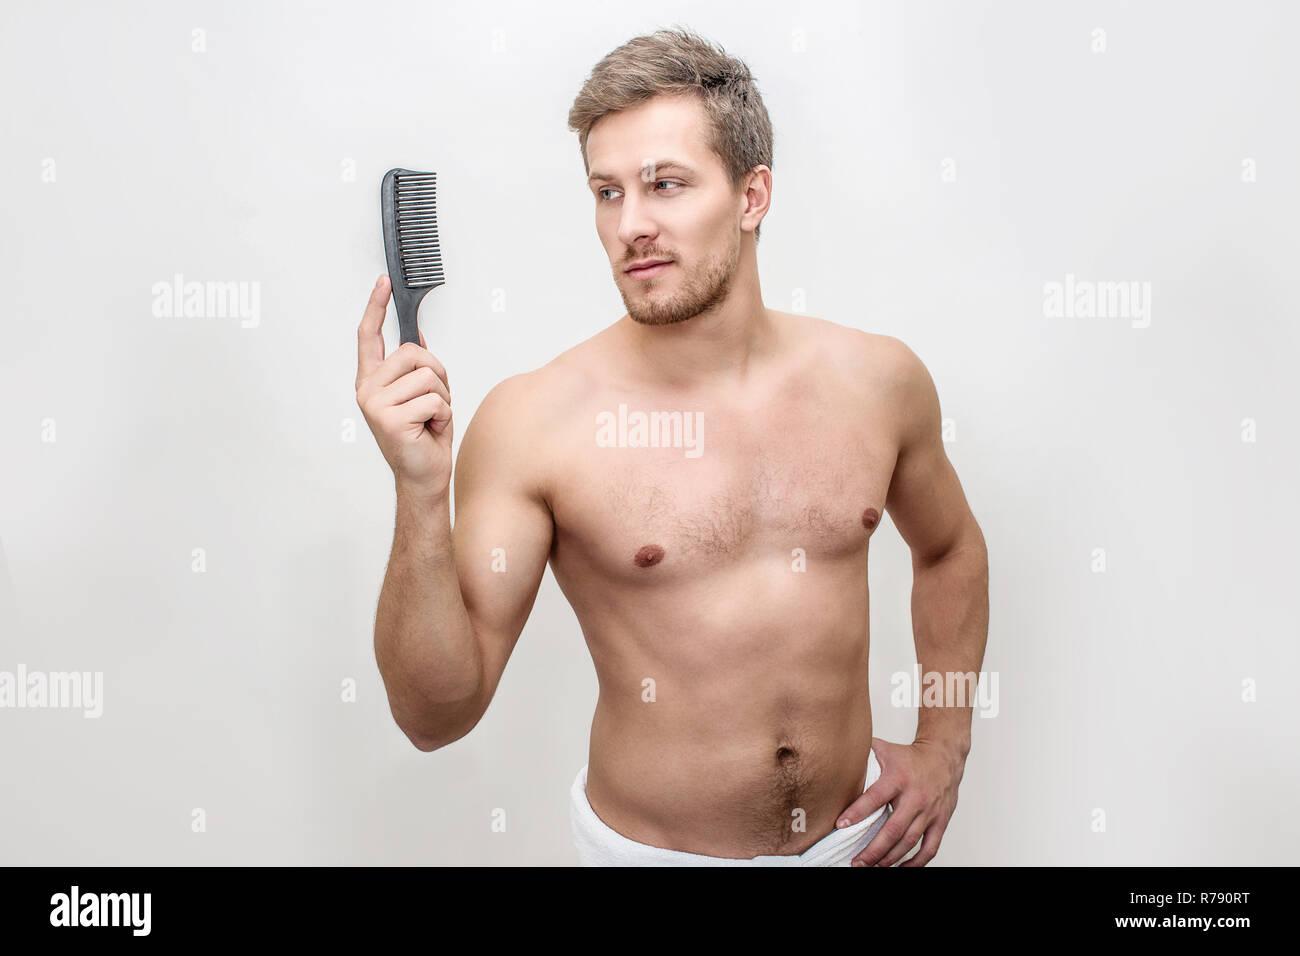 Bel giovane tenere la spazzola in mani. Egli guarda a. Il ragazzo è shirtless. Egli indossa asciugamano intorno ai fianchi. Isolato su sfondo bianco. Immagini Stock